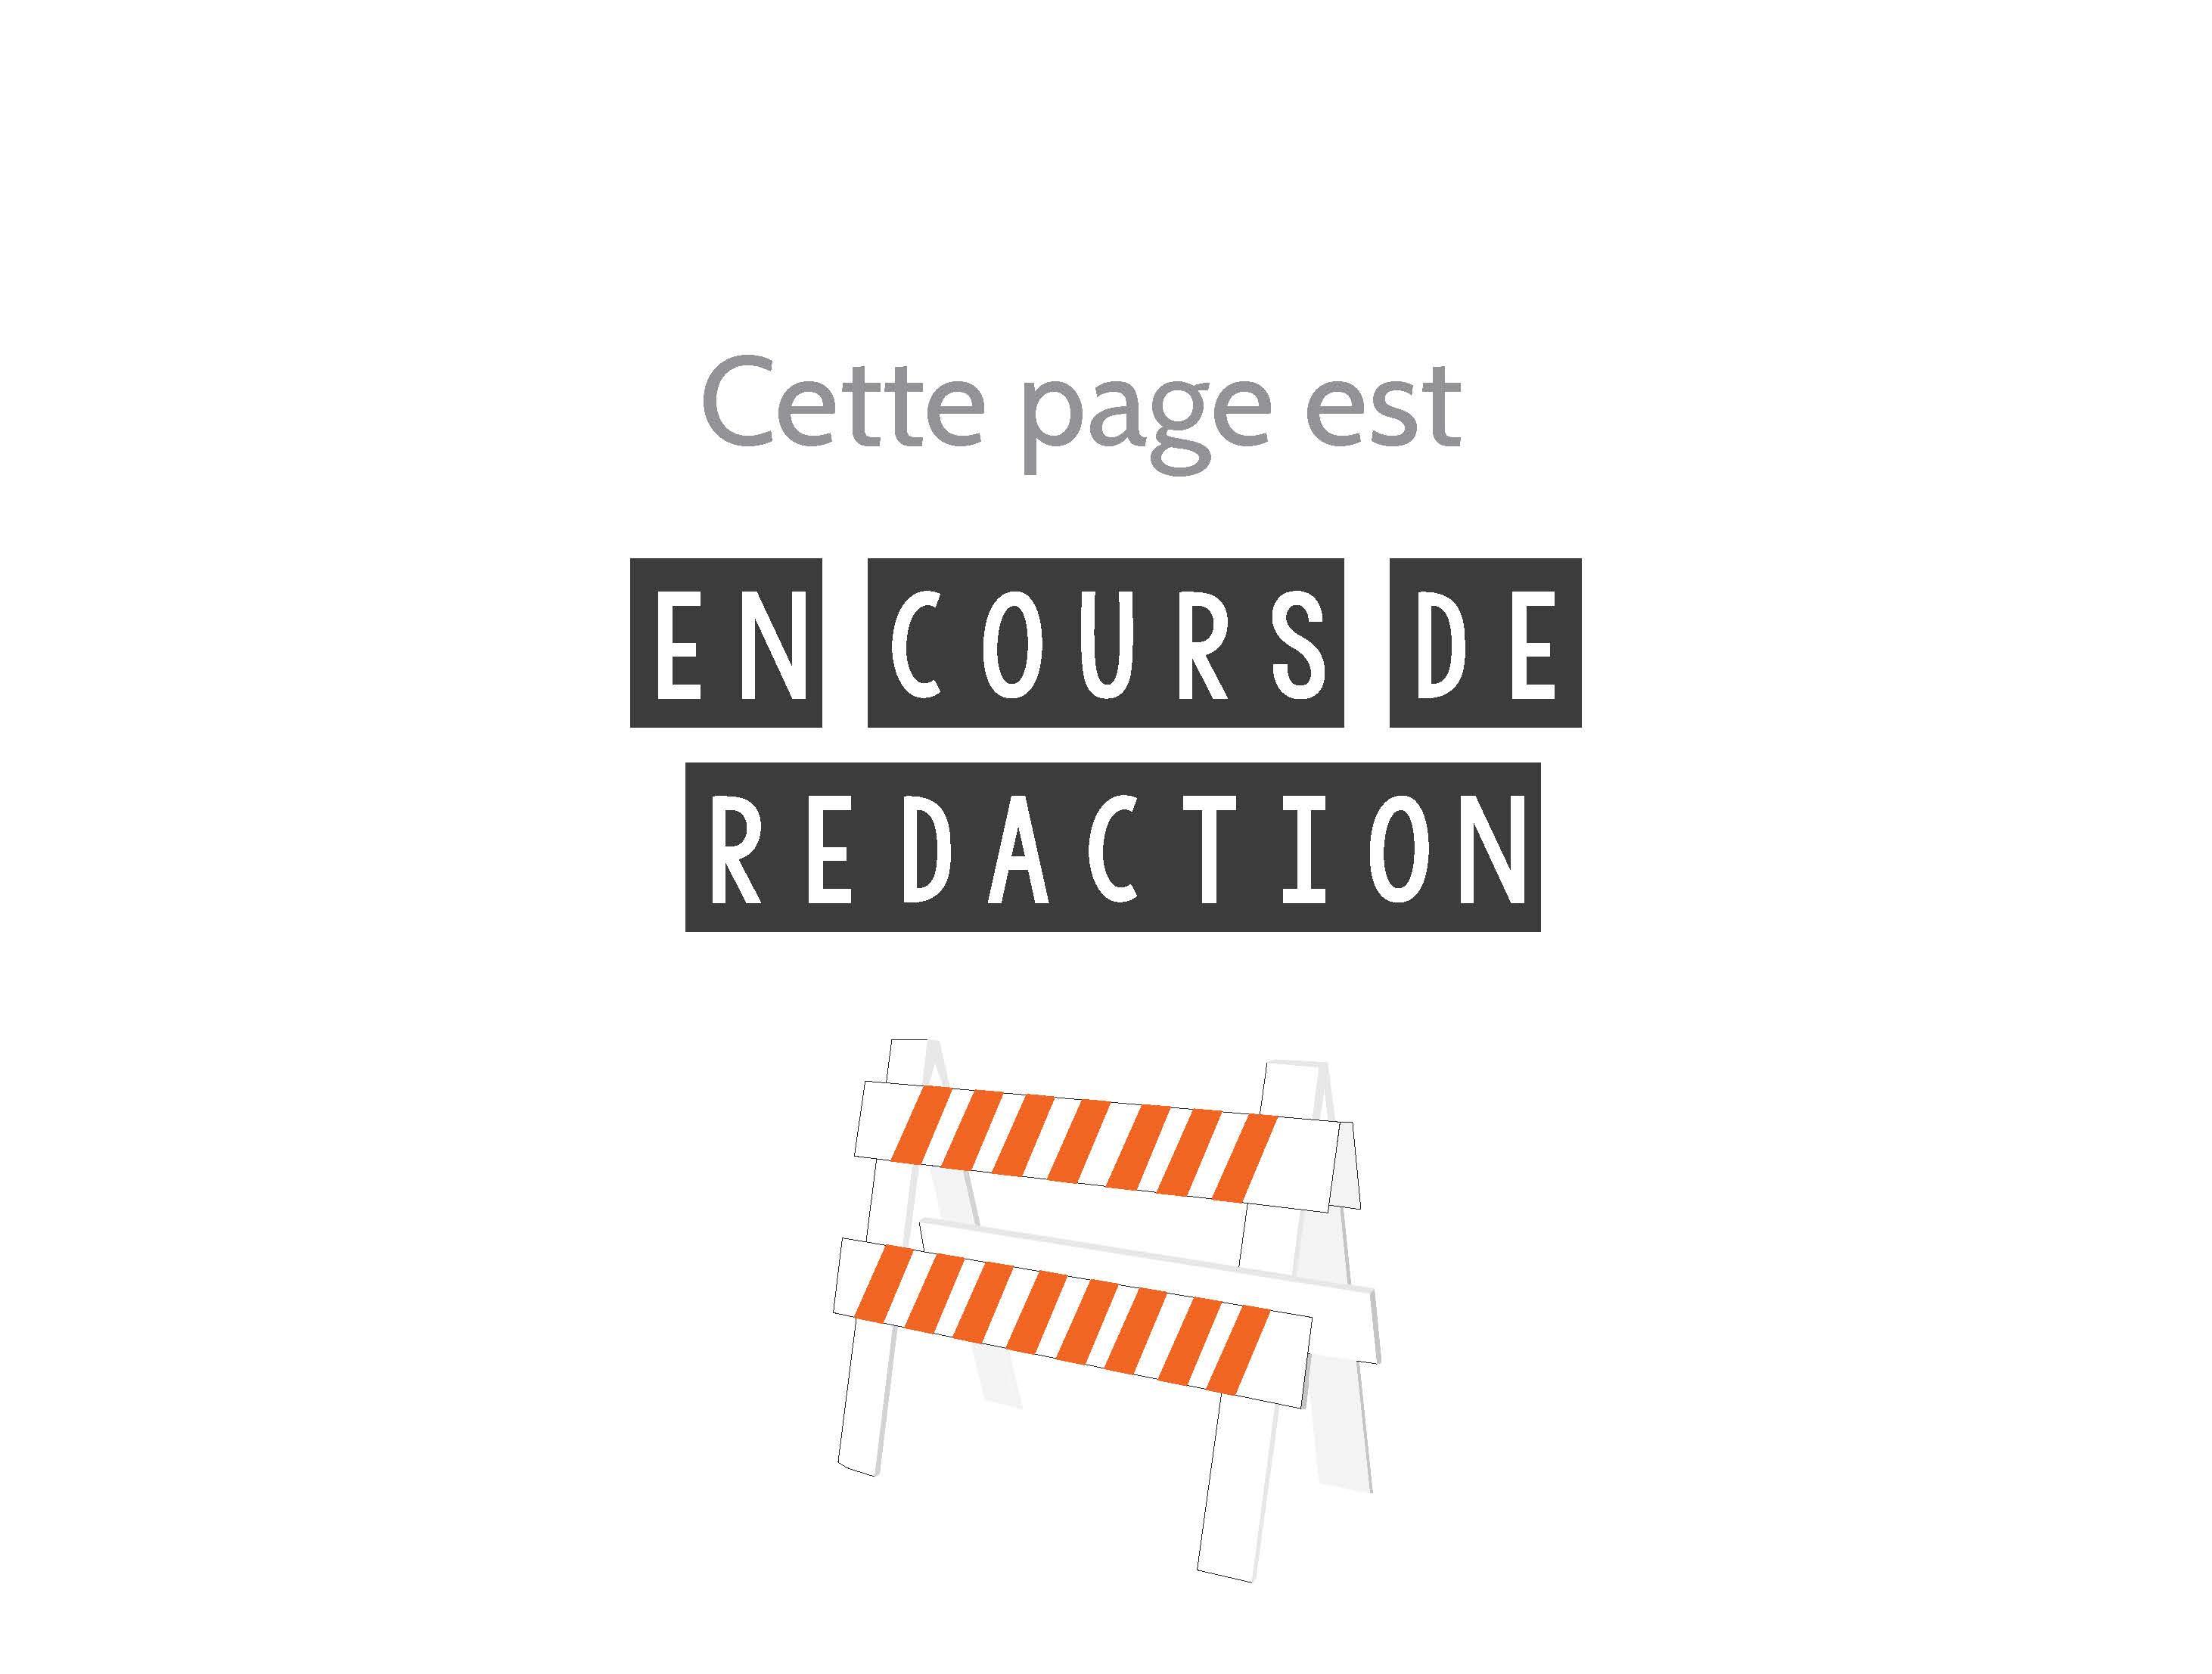 https://www.chr-metz-thionville.fr/sites/default/files/inline-images/Page%20web%20en%20cours%202.jpg